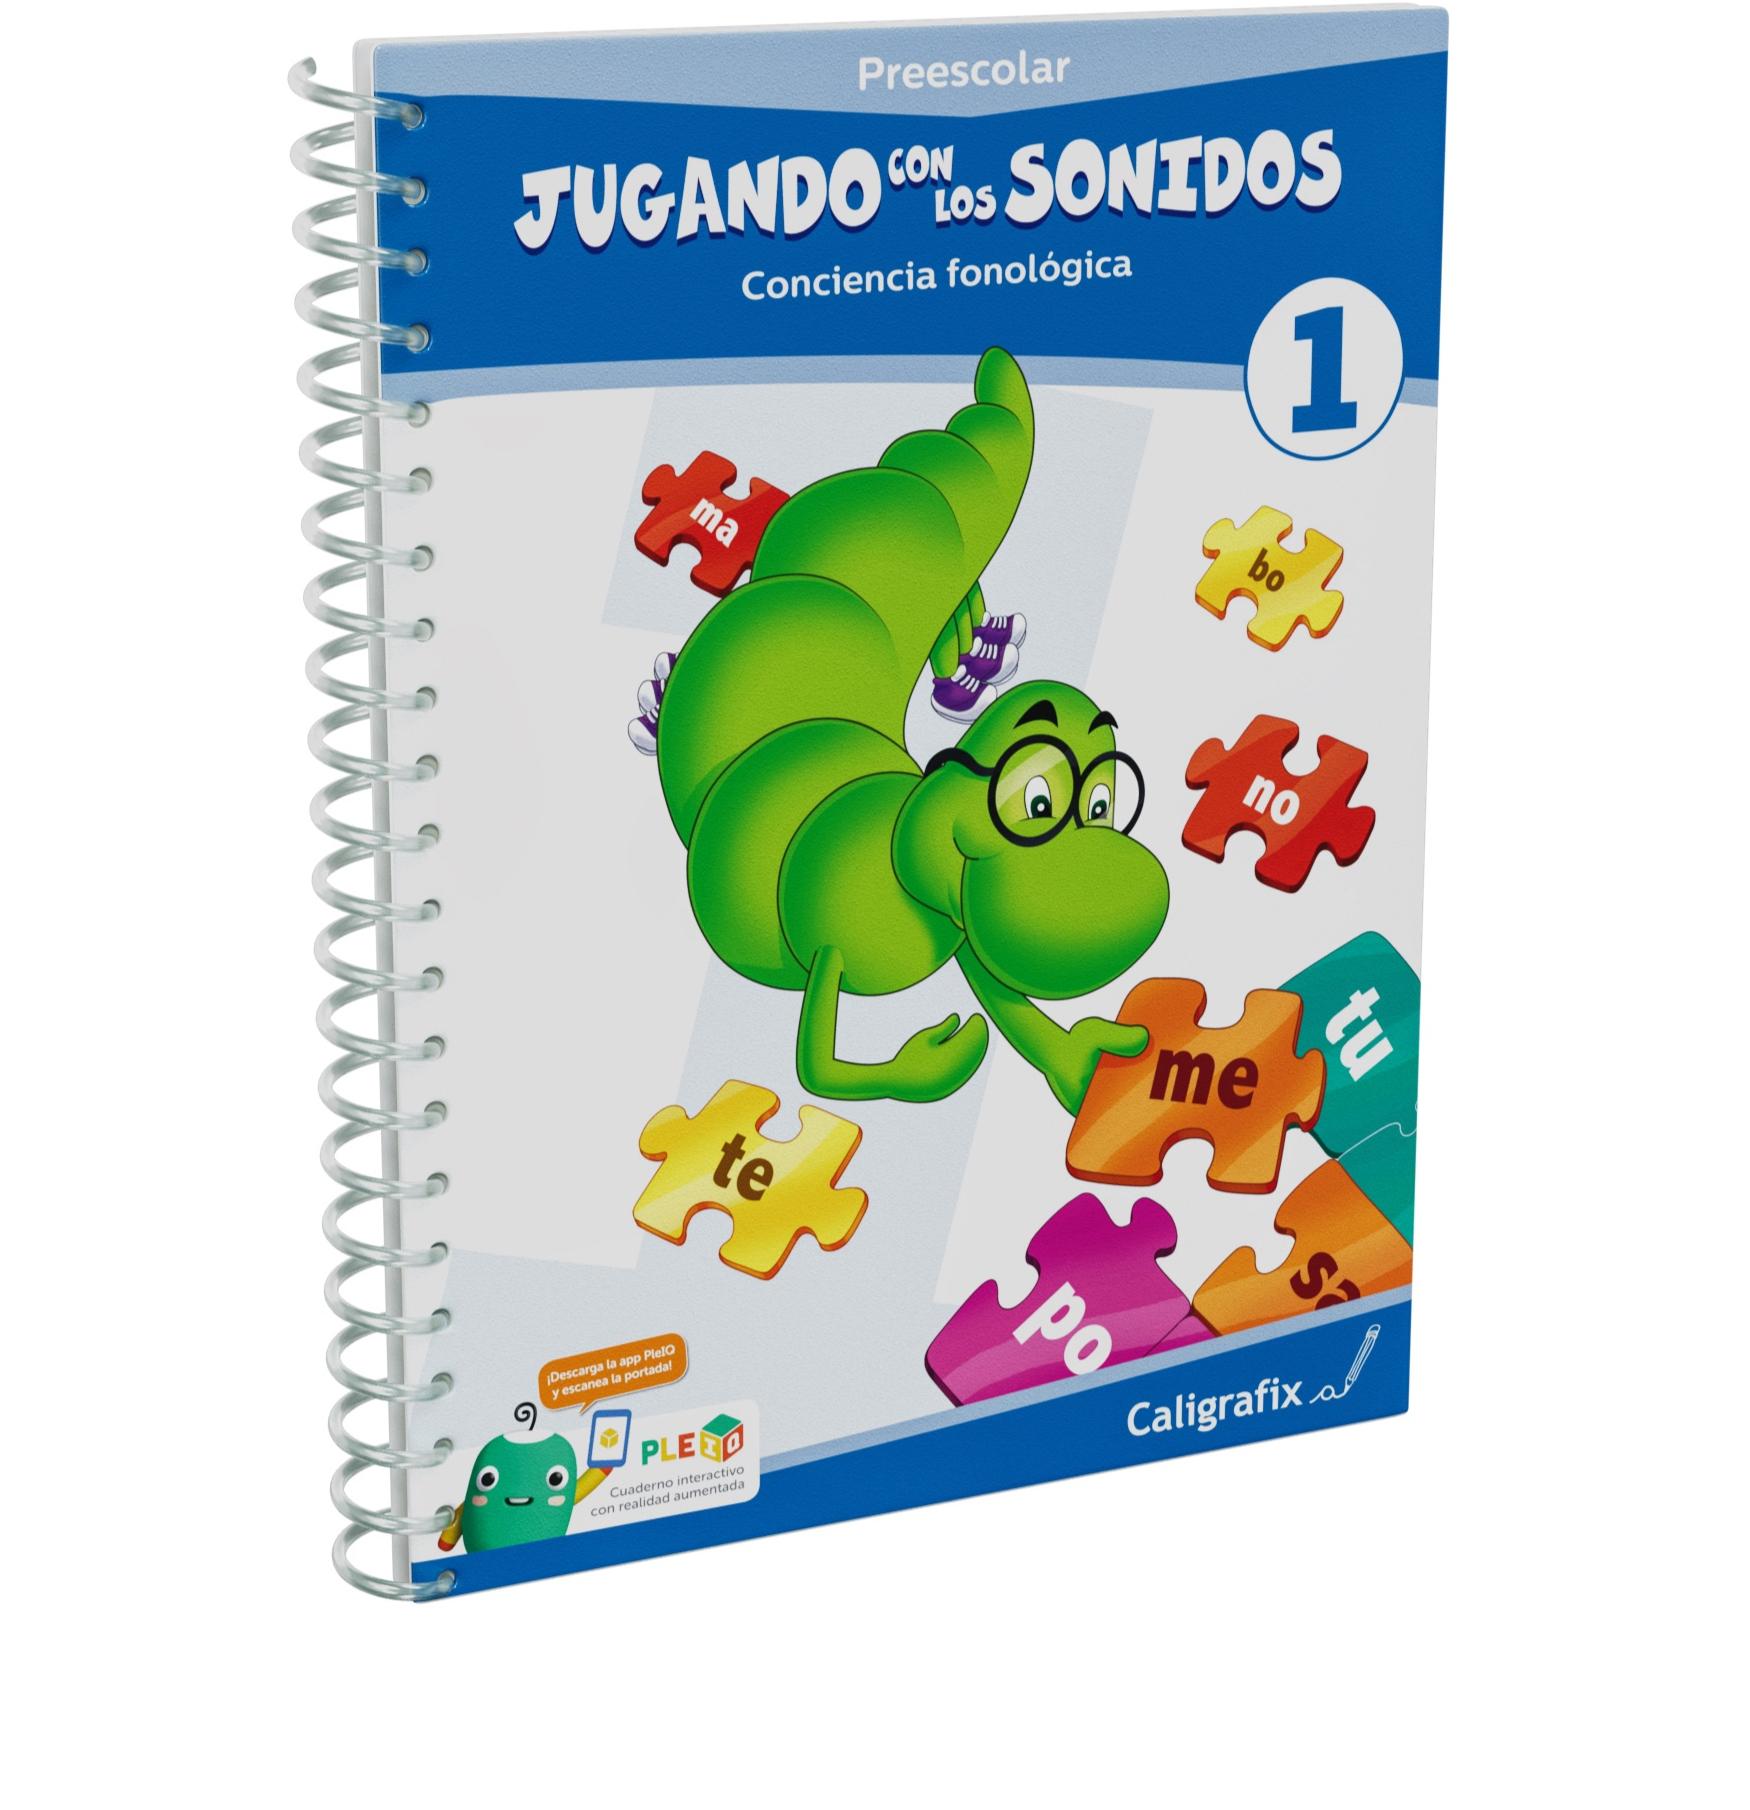 Cuaderno Interactivo - Jugando con los Sonidos 1